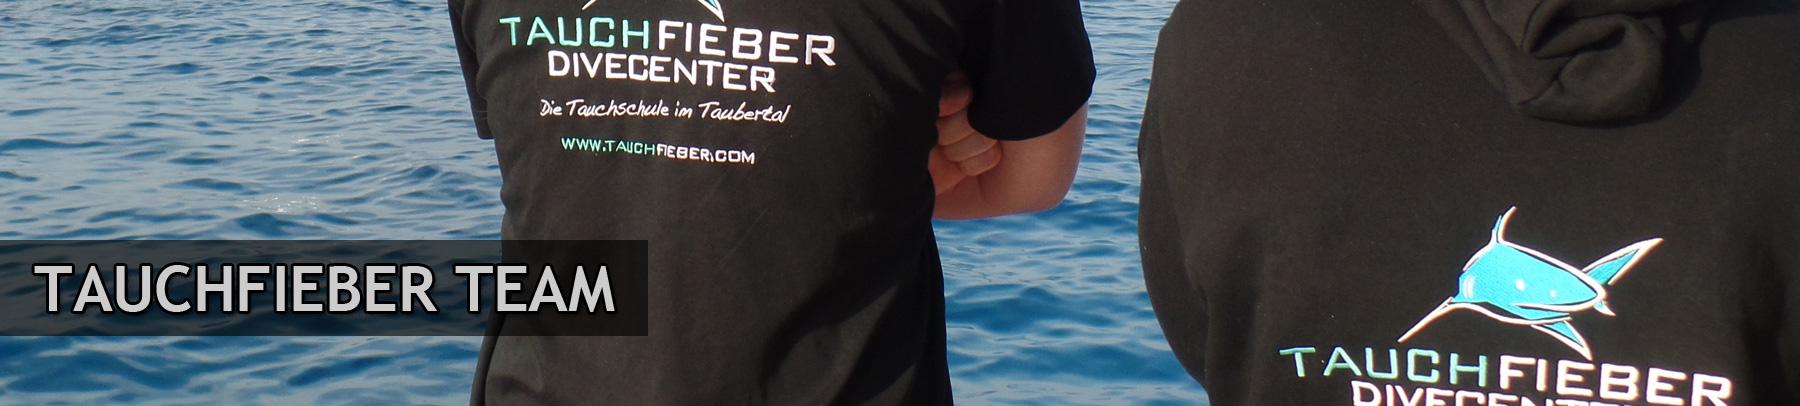 Tauchfieber-Team-Banner